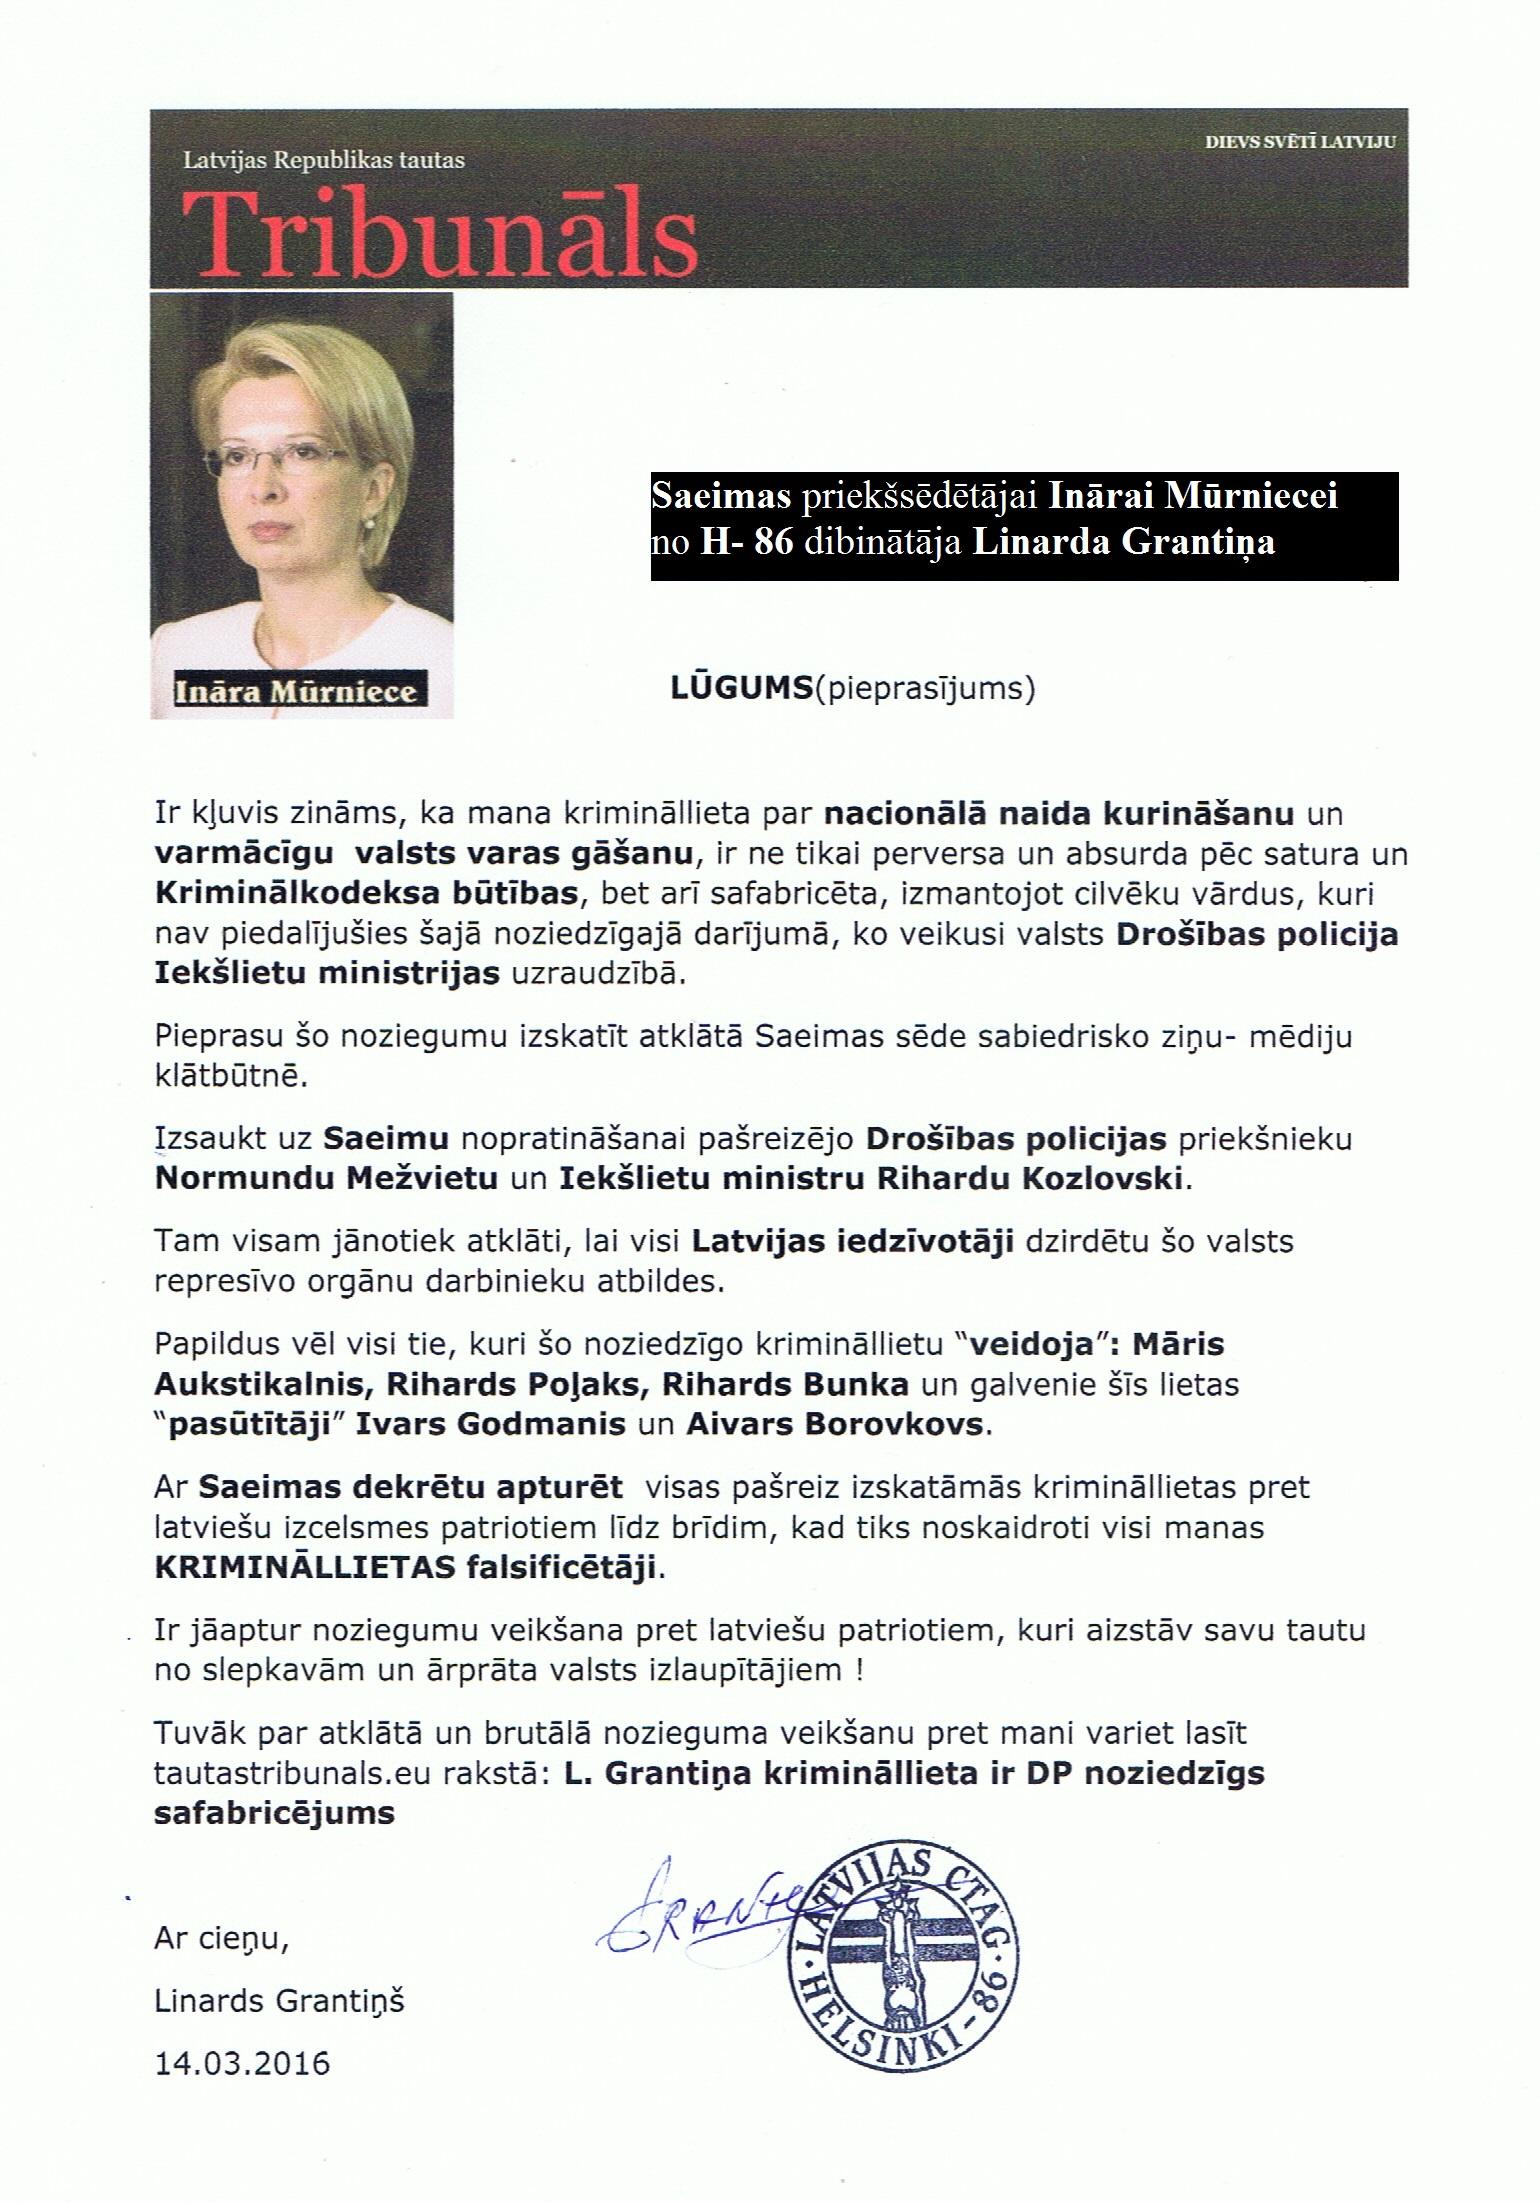 I.Mūrniece-GrantiņšMežvietsKozlovskisLRTT